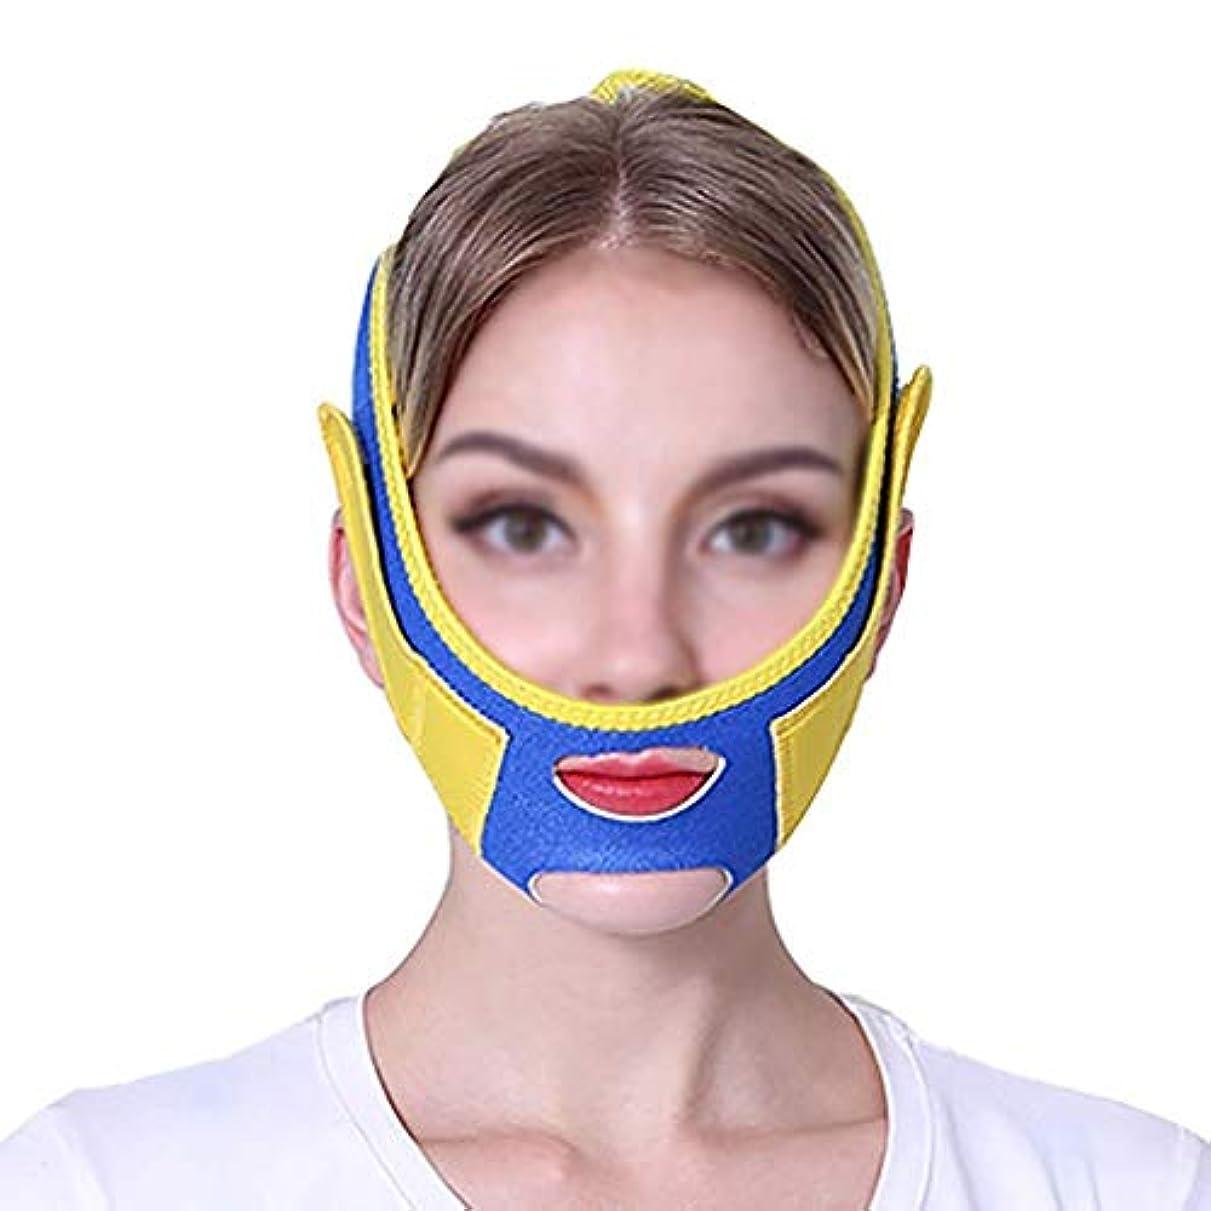 どんなときもキャンディー平衡ファーミングフェイスマスク、スモールVフェイスアーティファクトリフティングマスクフェイスリフティングフェイスメロンフェイスリフティングフェイスマスクファーミングクリームフェイスリフティングバンデージ